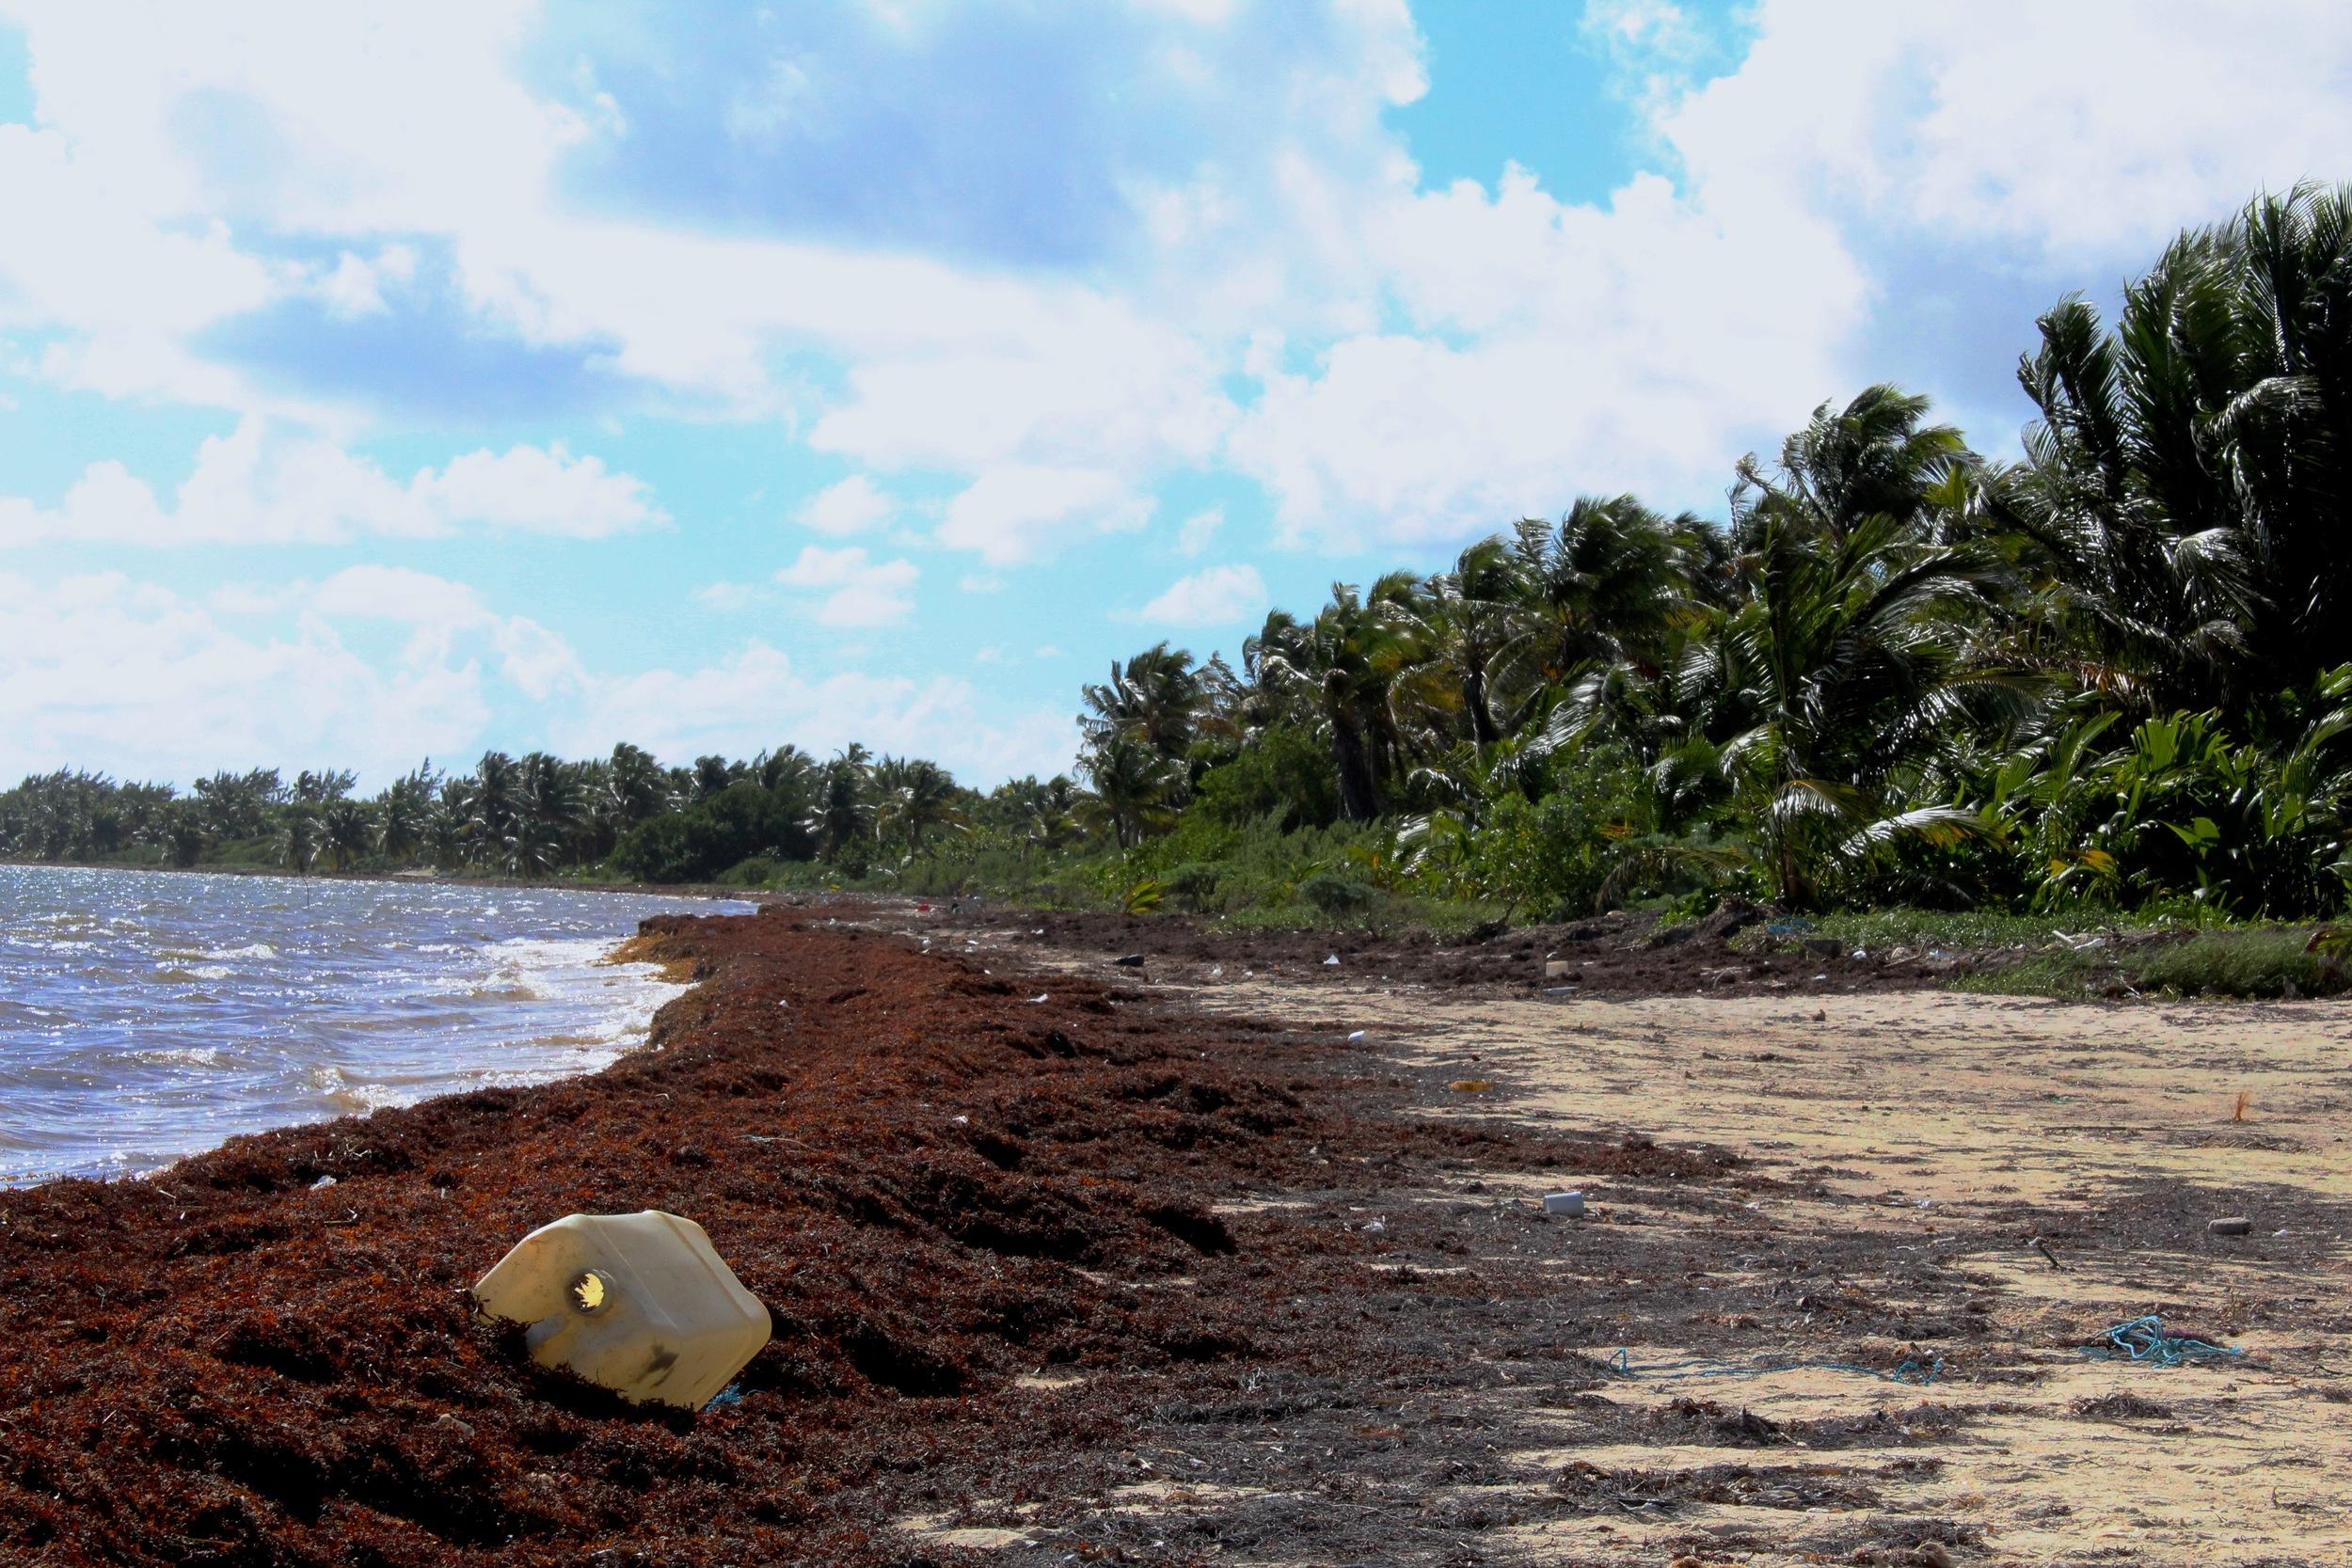 The beach at Xamach